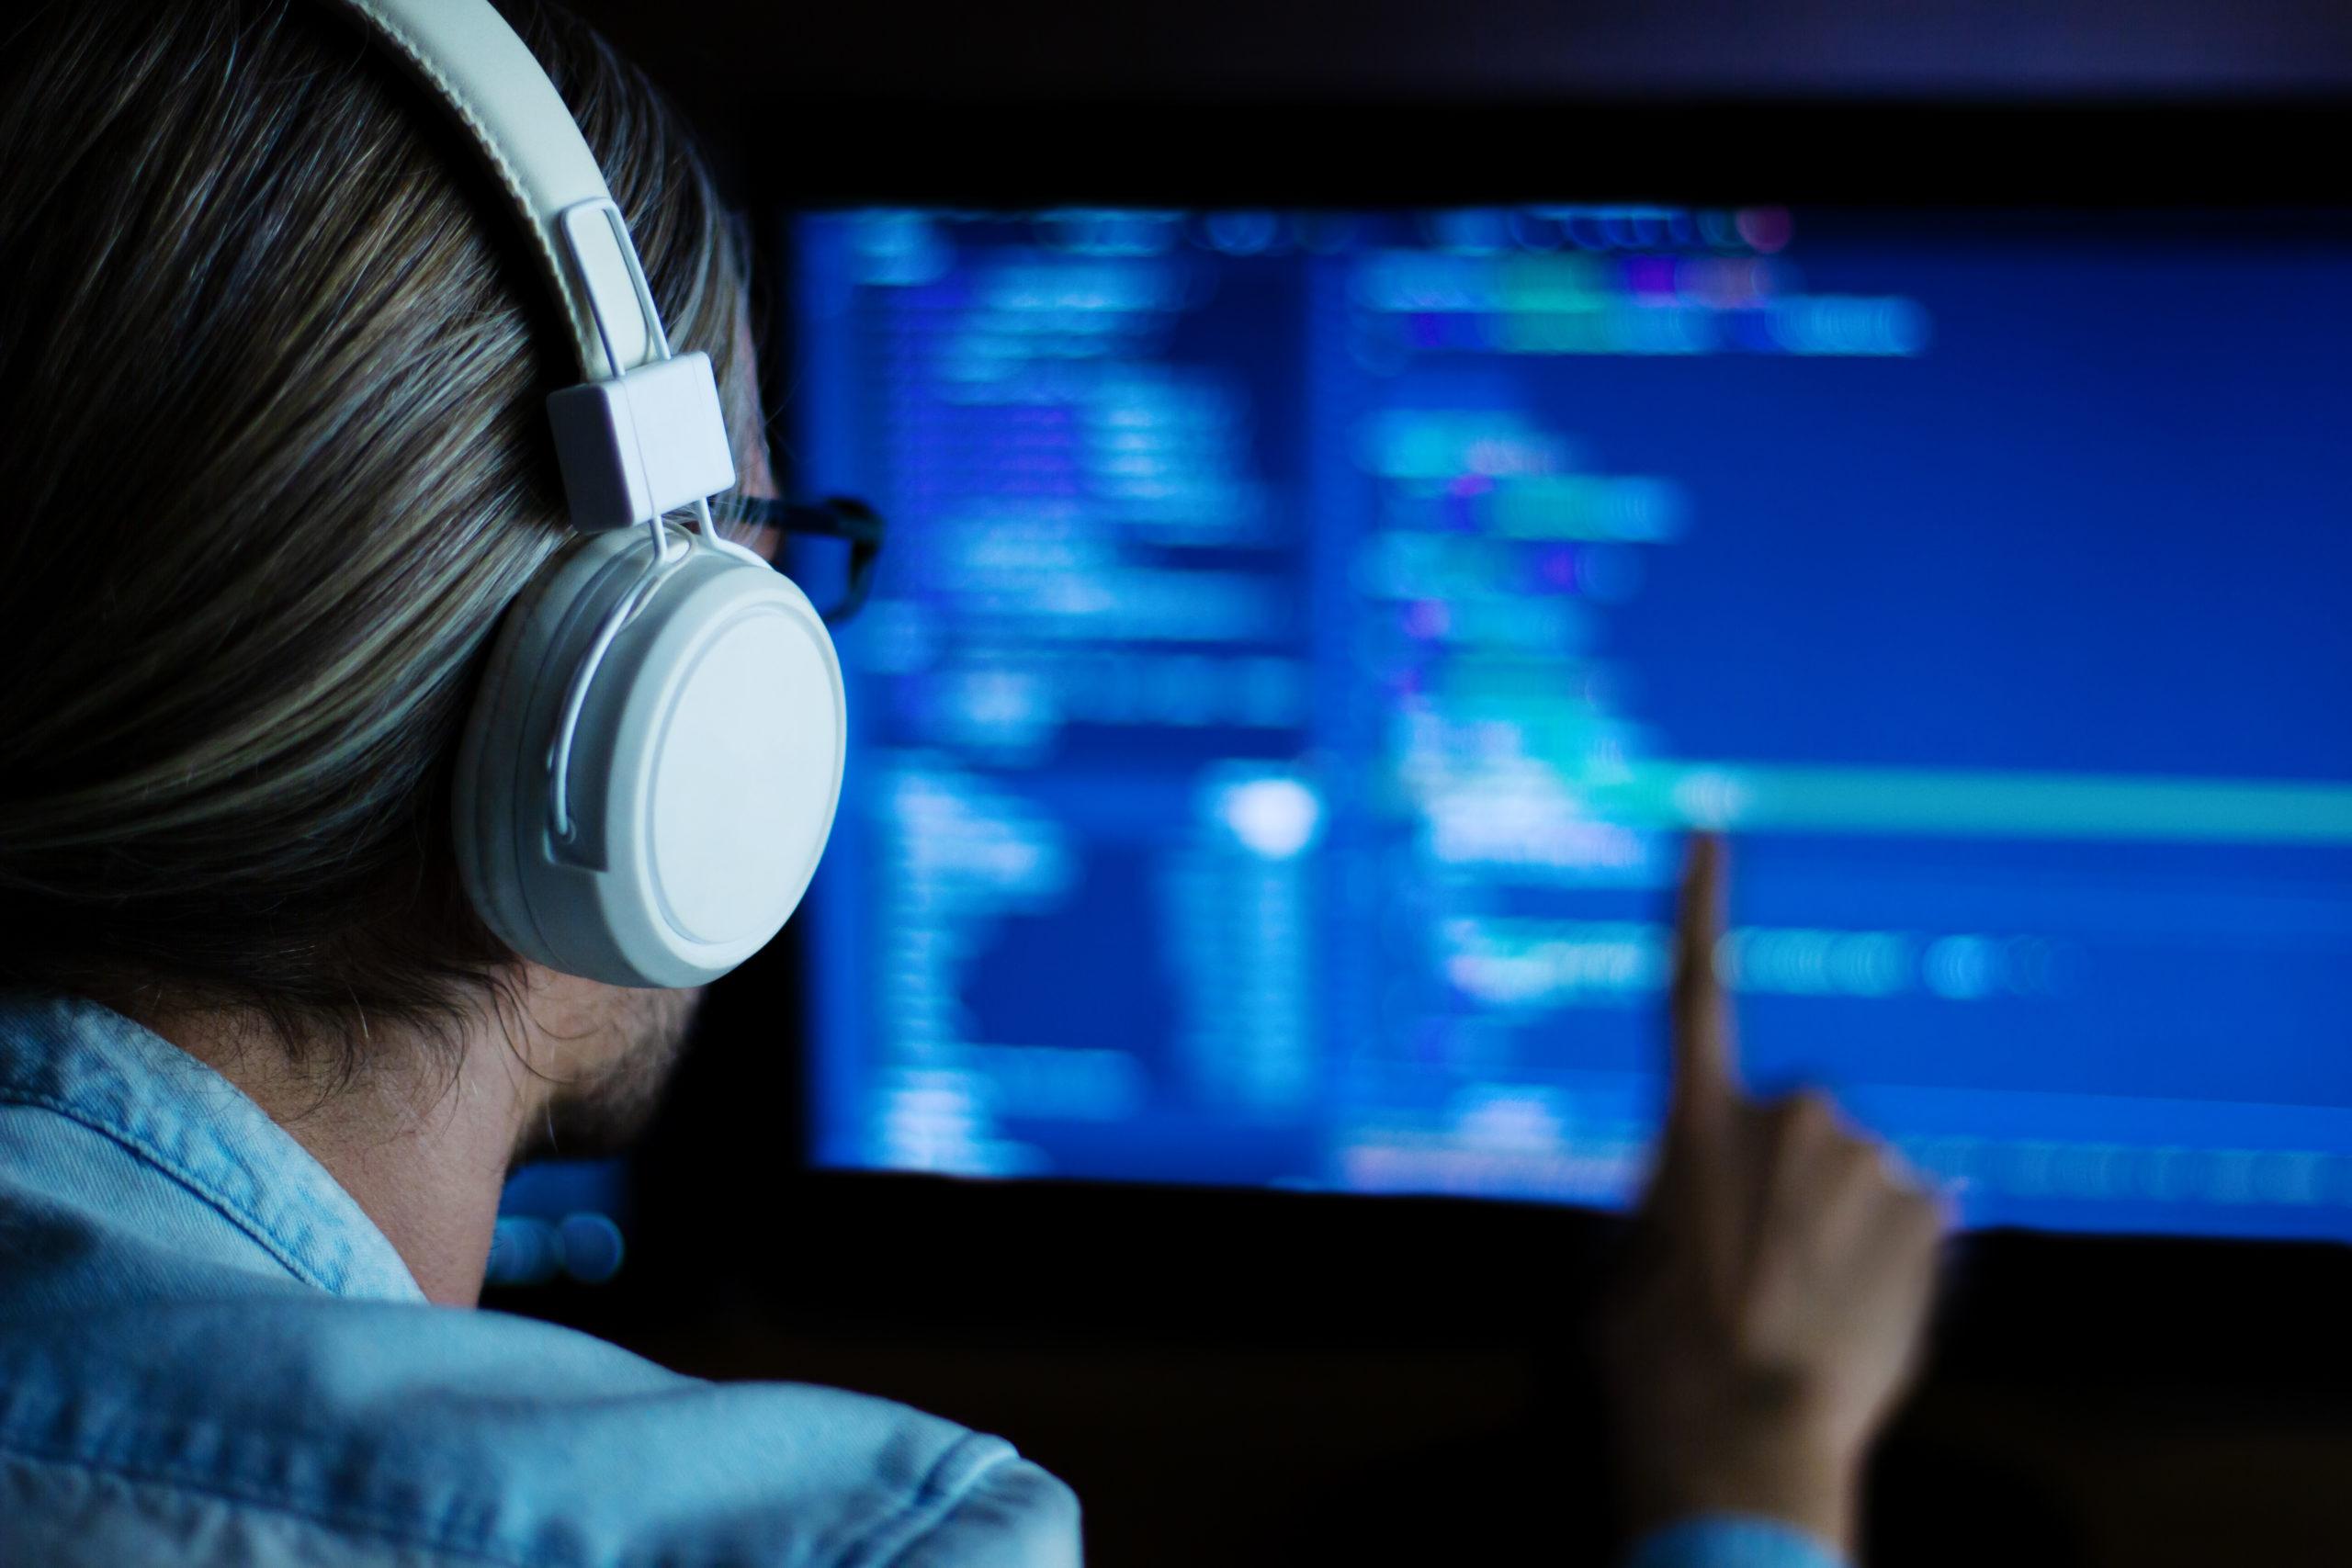 白いヘッドフォンとプログラムコードで動作する眼鏡を備えたソフトウェア開発者フリーランサー:C ++、Java